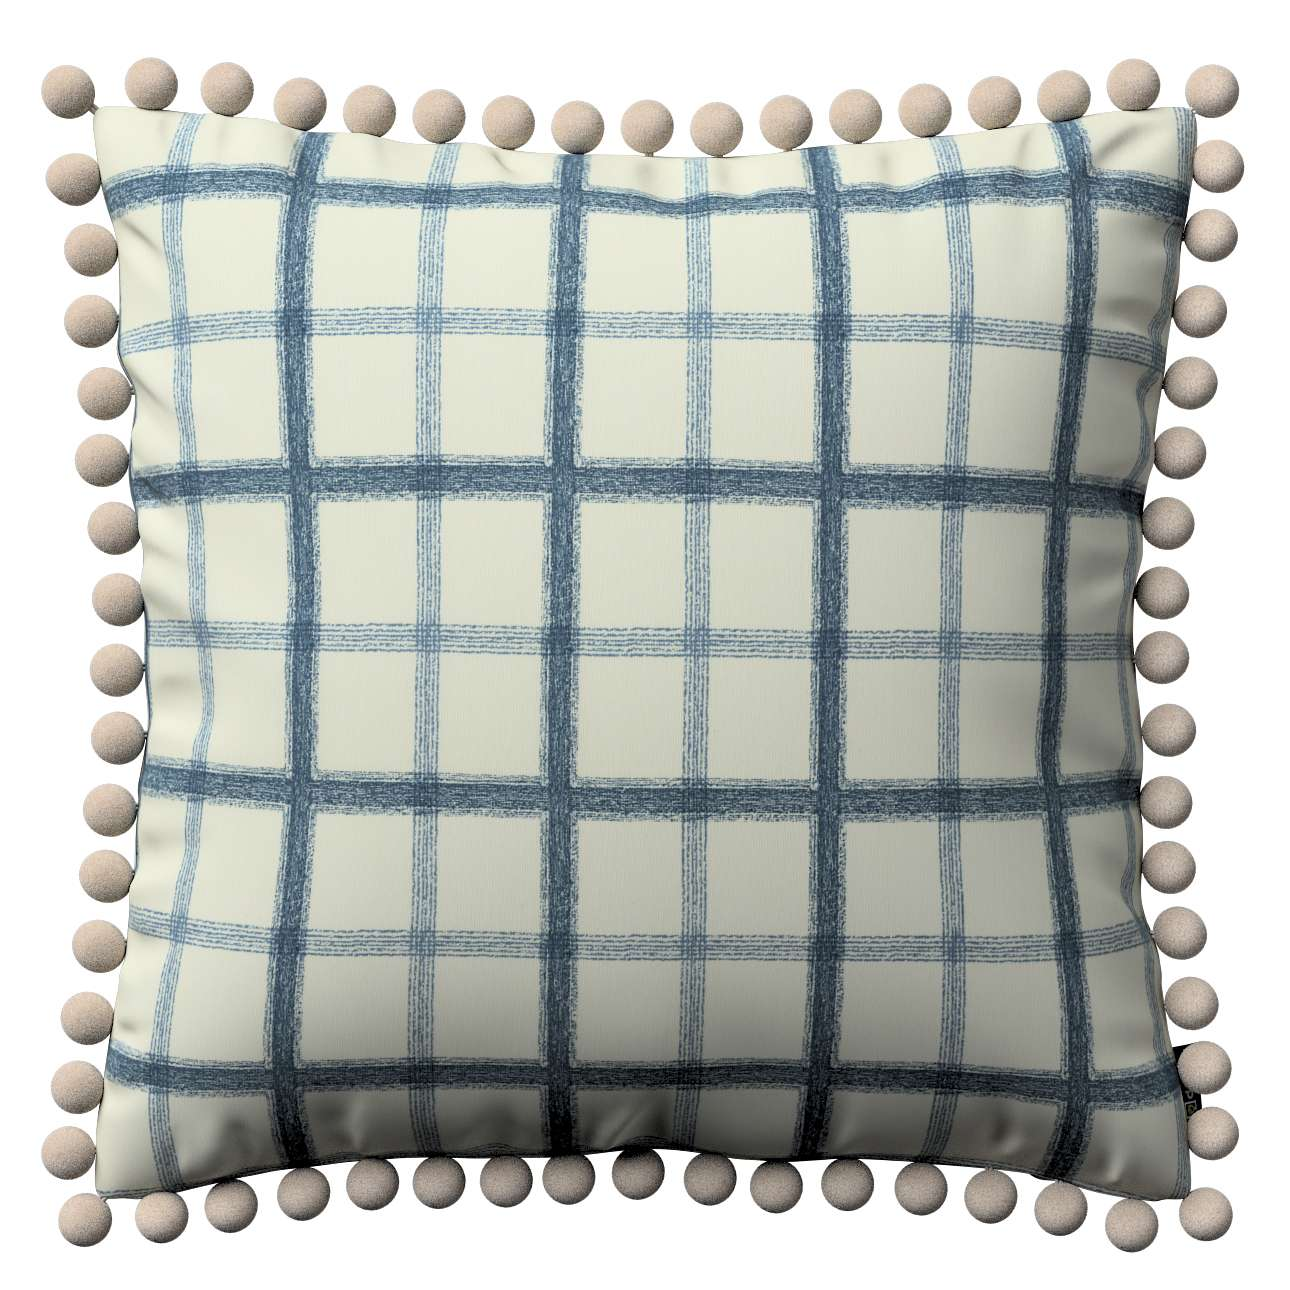 Poszewka Wera na poduszkę 45 x 45 cm w kolekcji Avinon, tkanina: 131-66